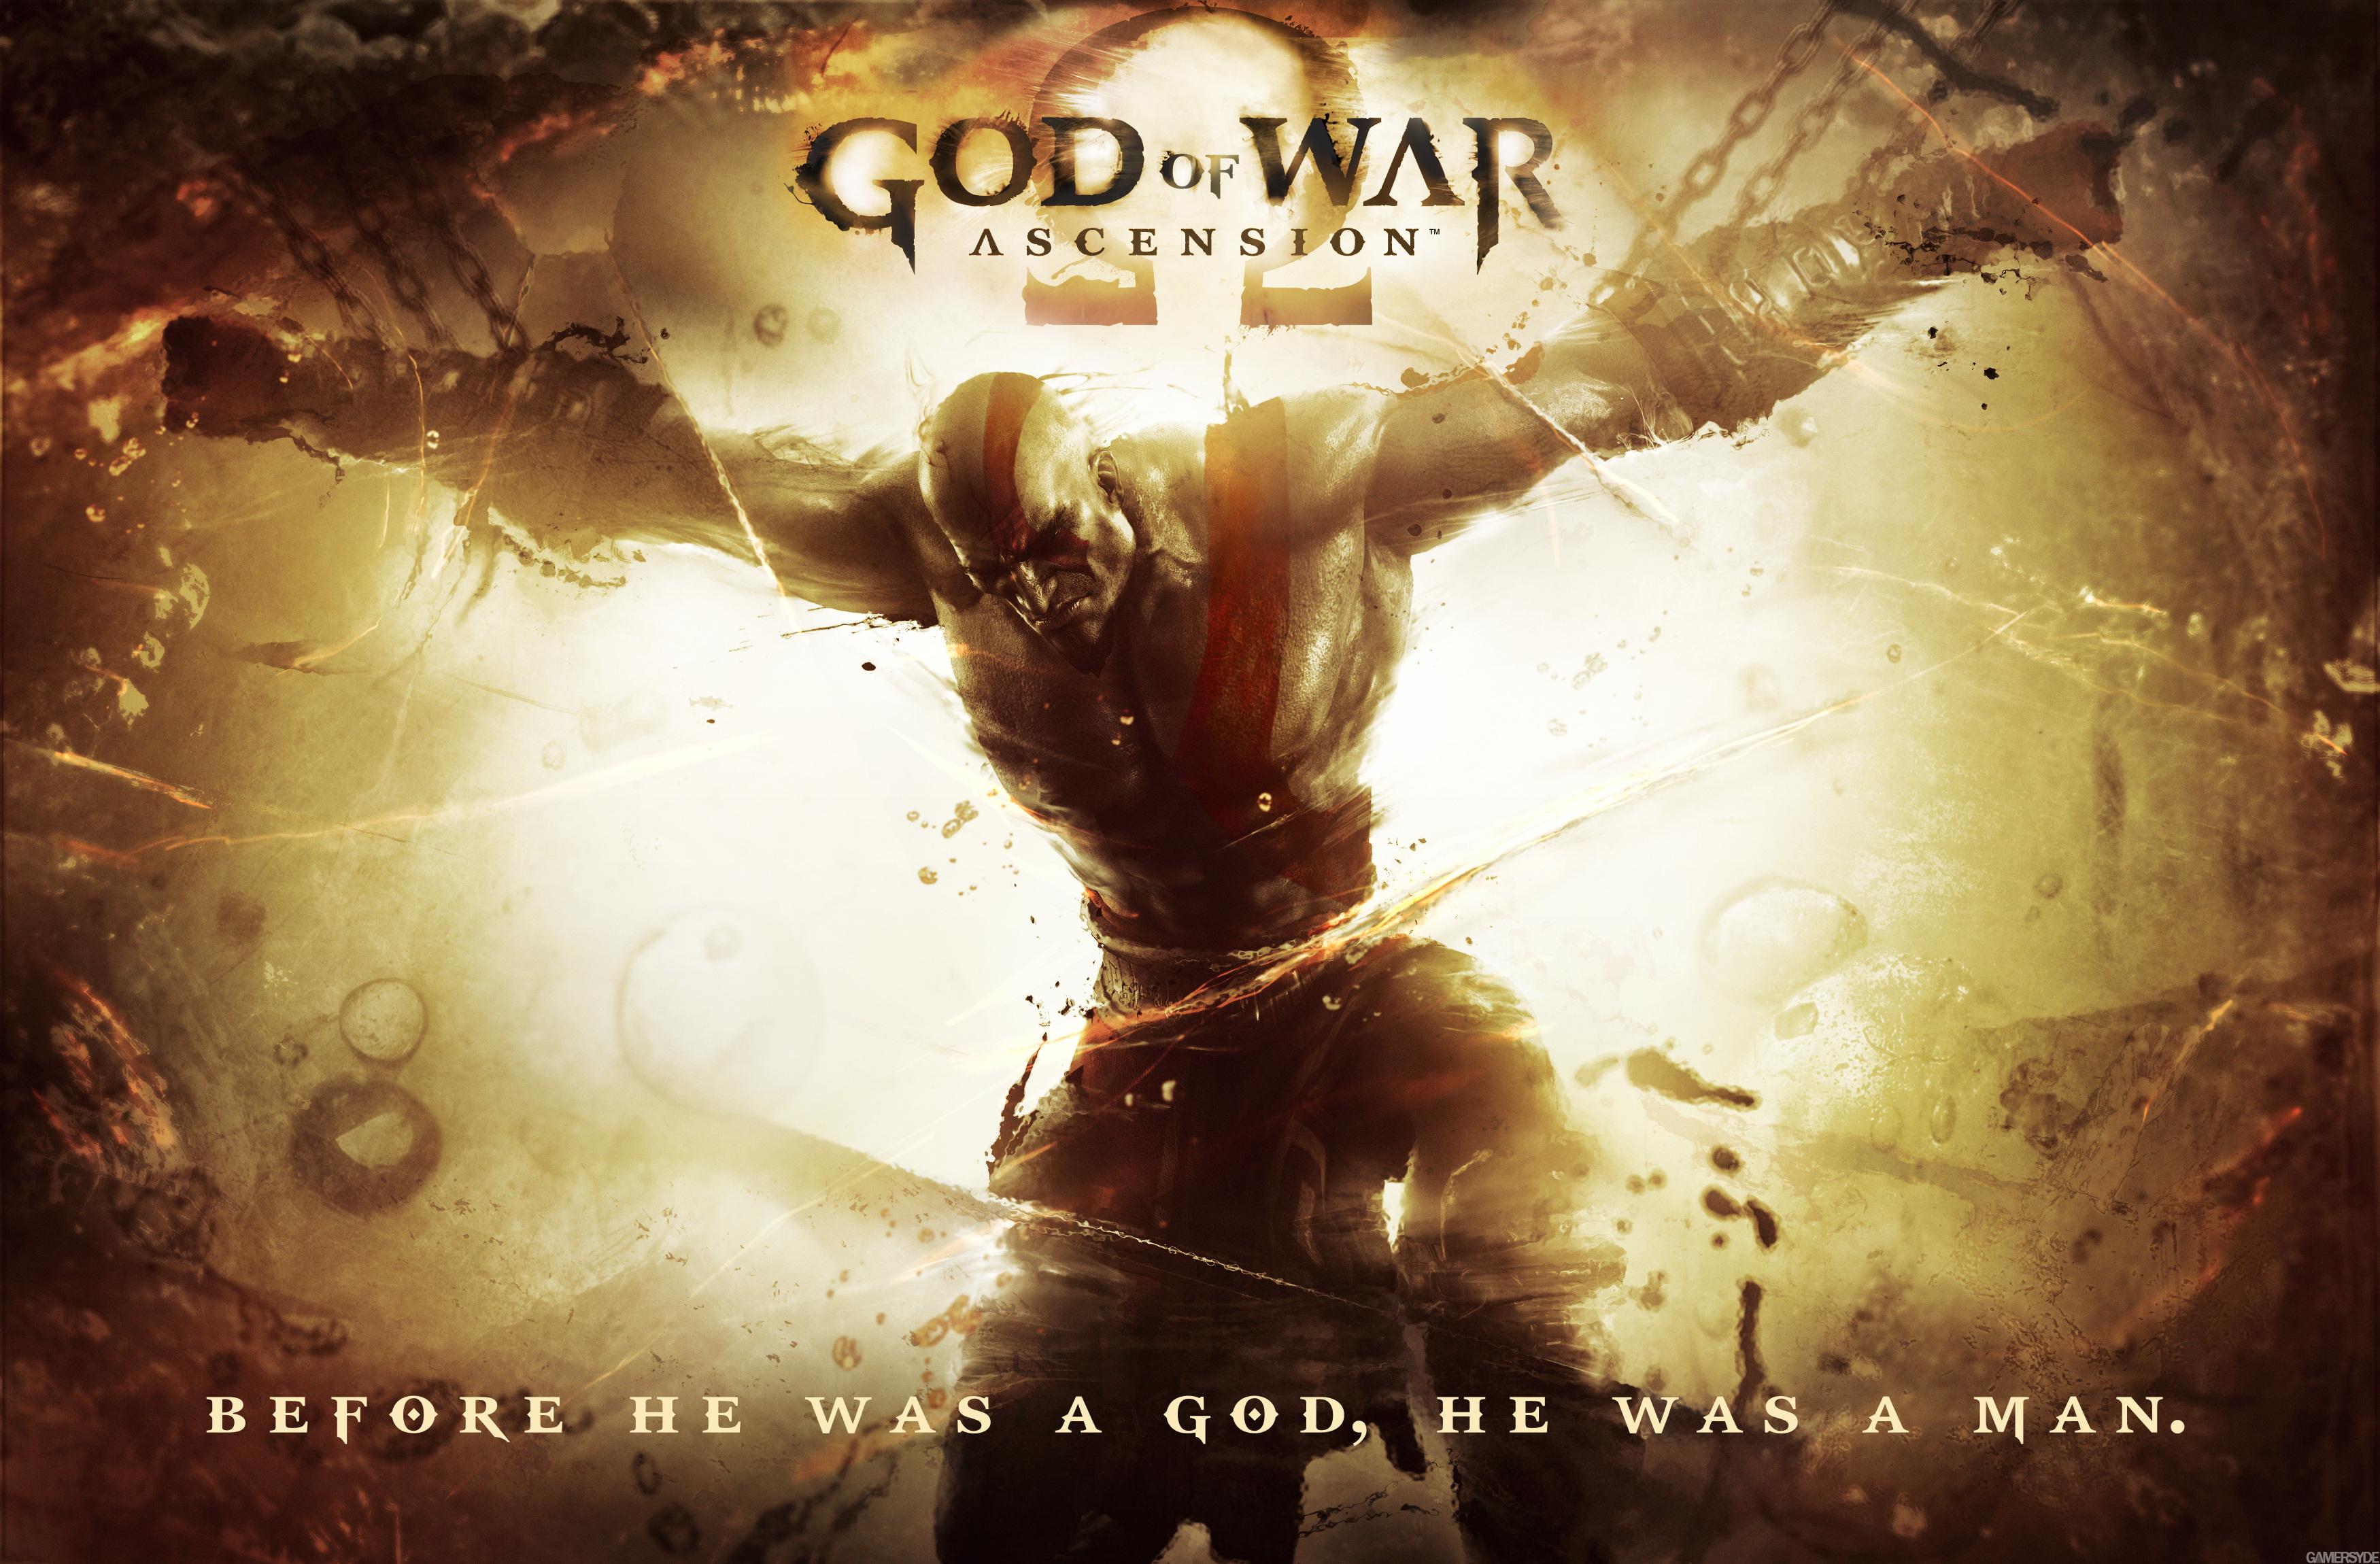 image_god_of_war_ascension-18963-2495_0001